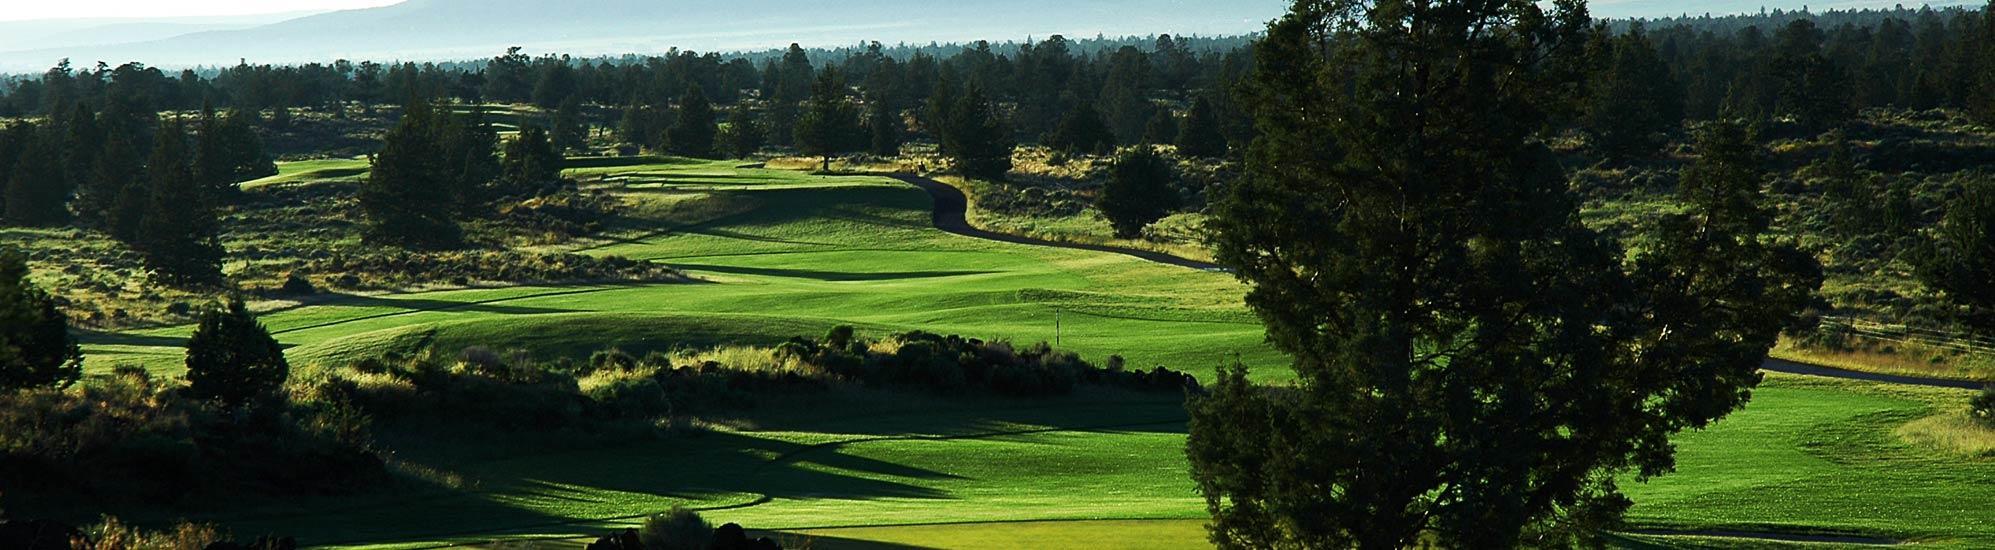 Juniper Golf Course image 4